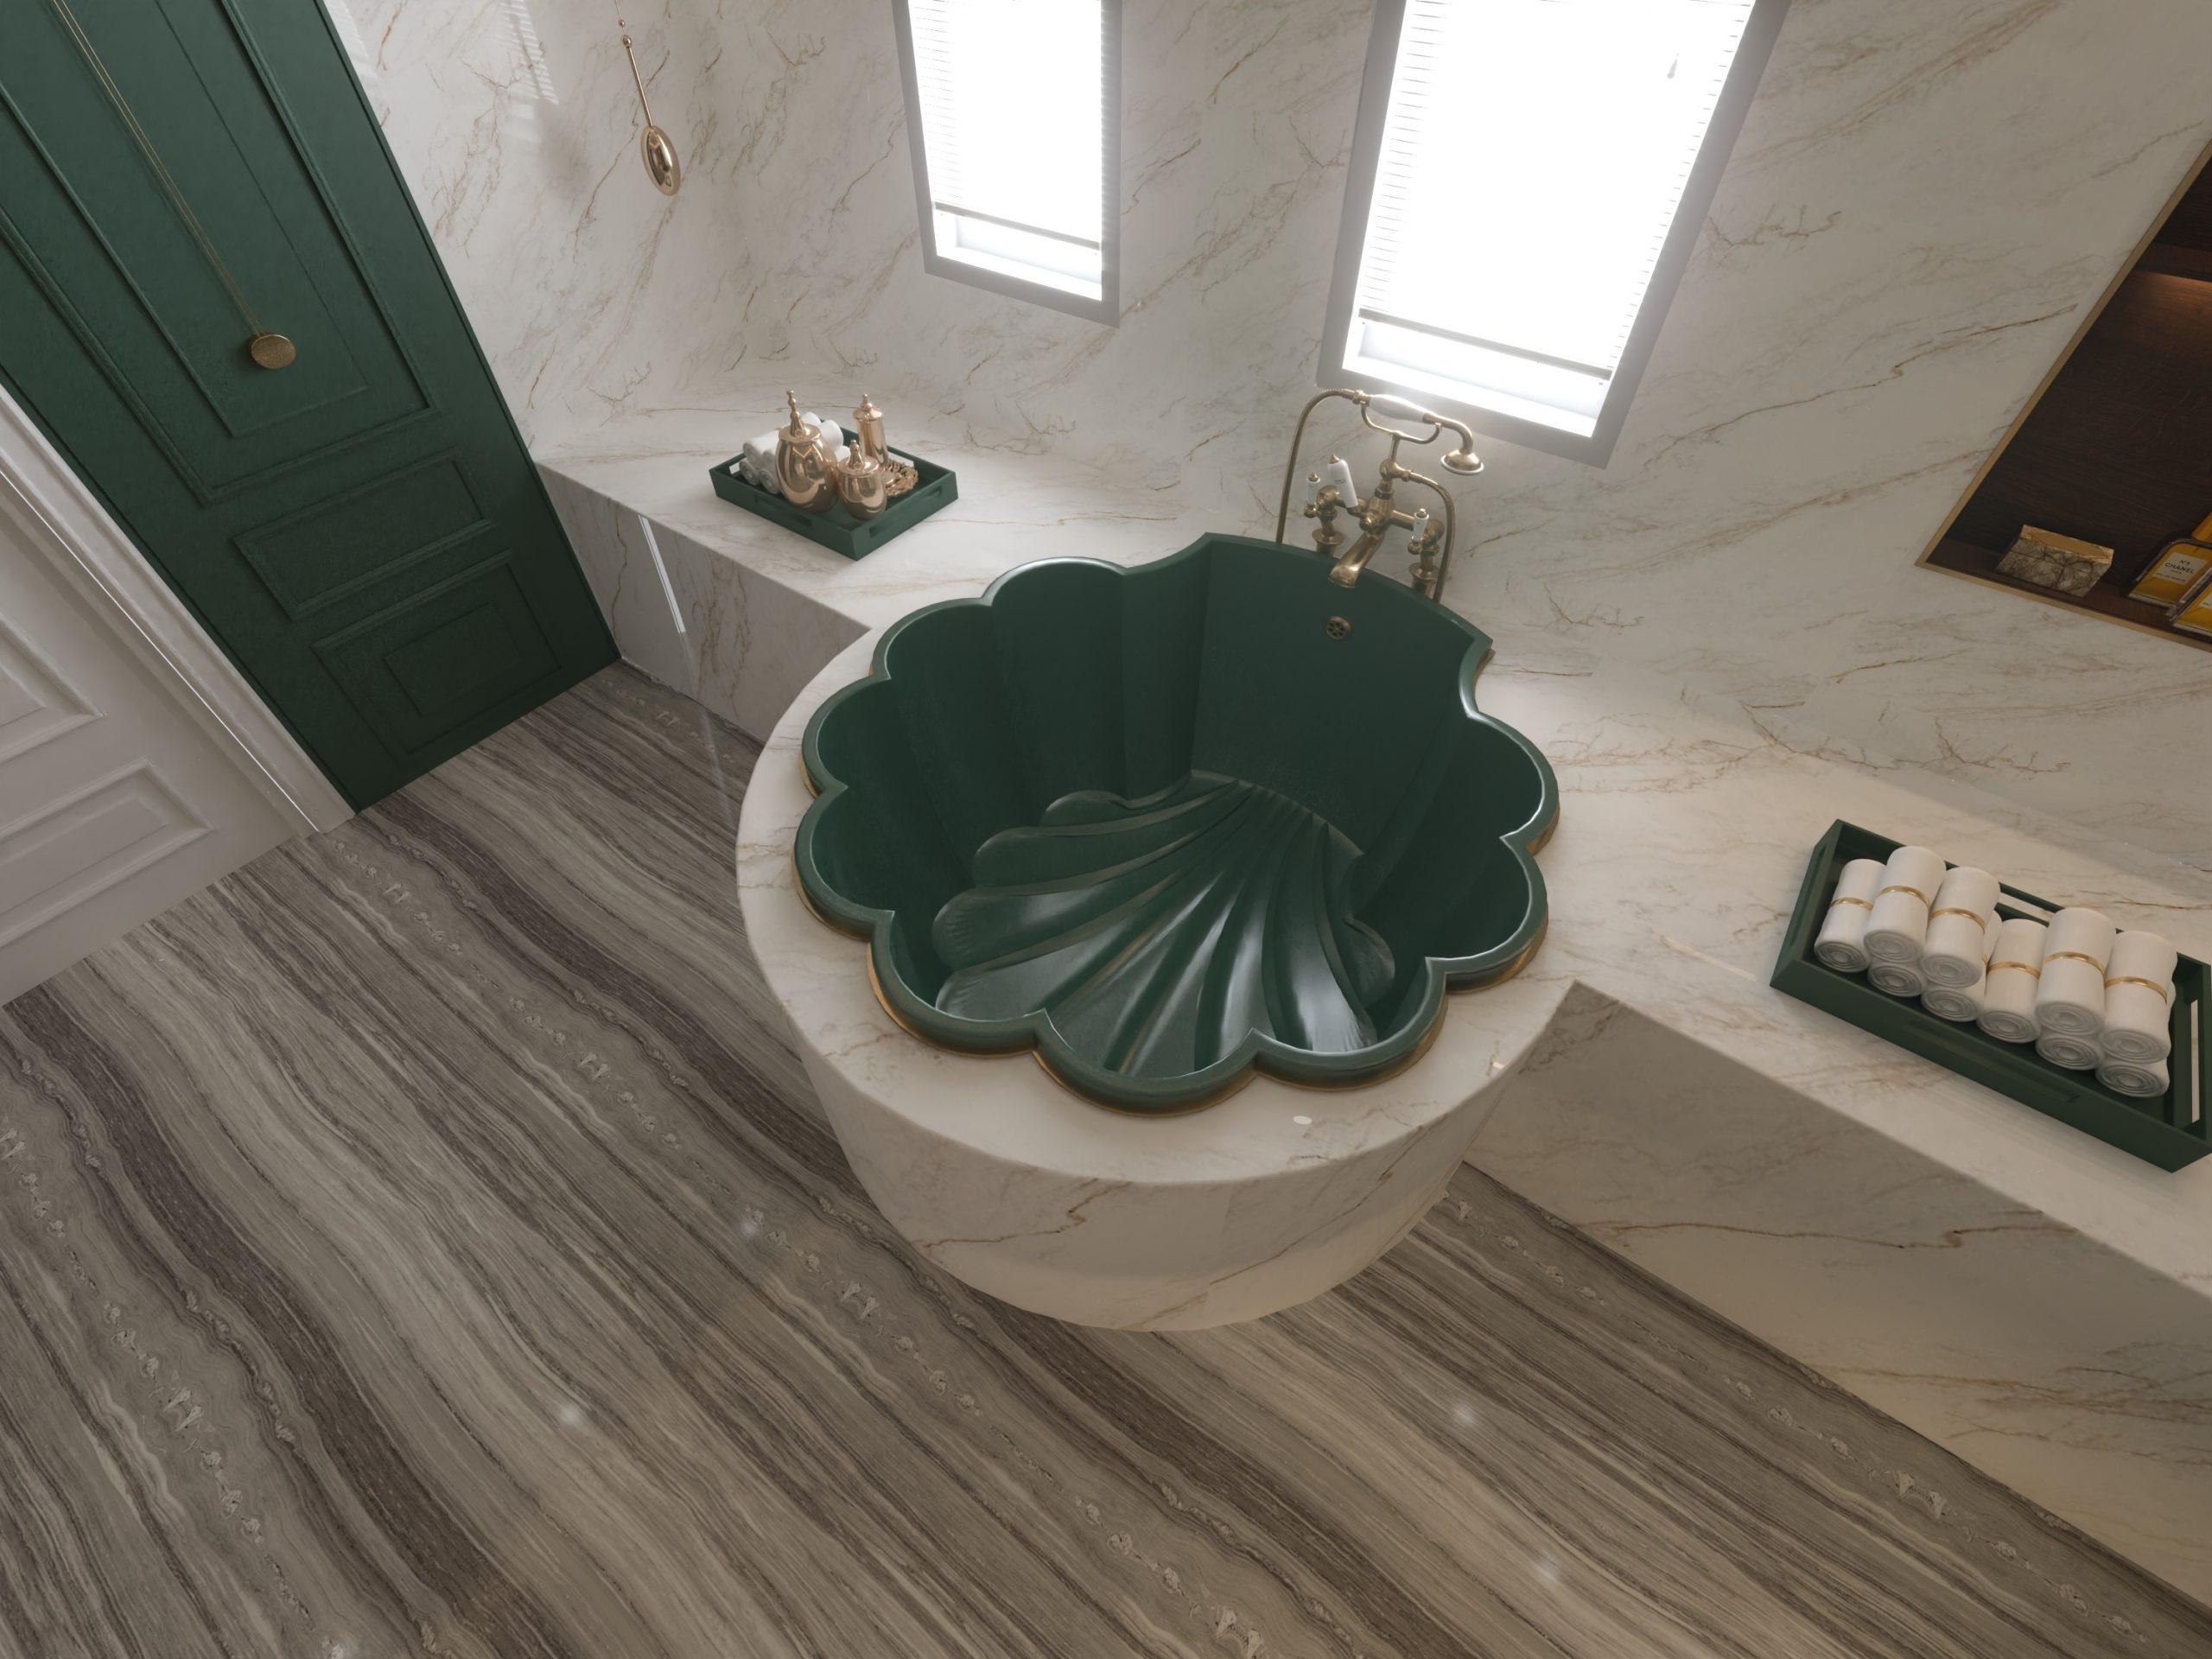 TOP VIEW - GREEN BATH TUB - MARBLE